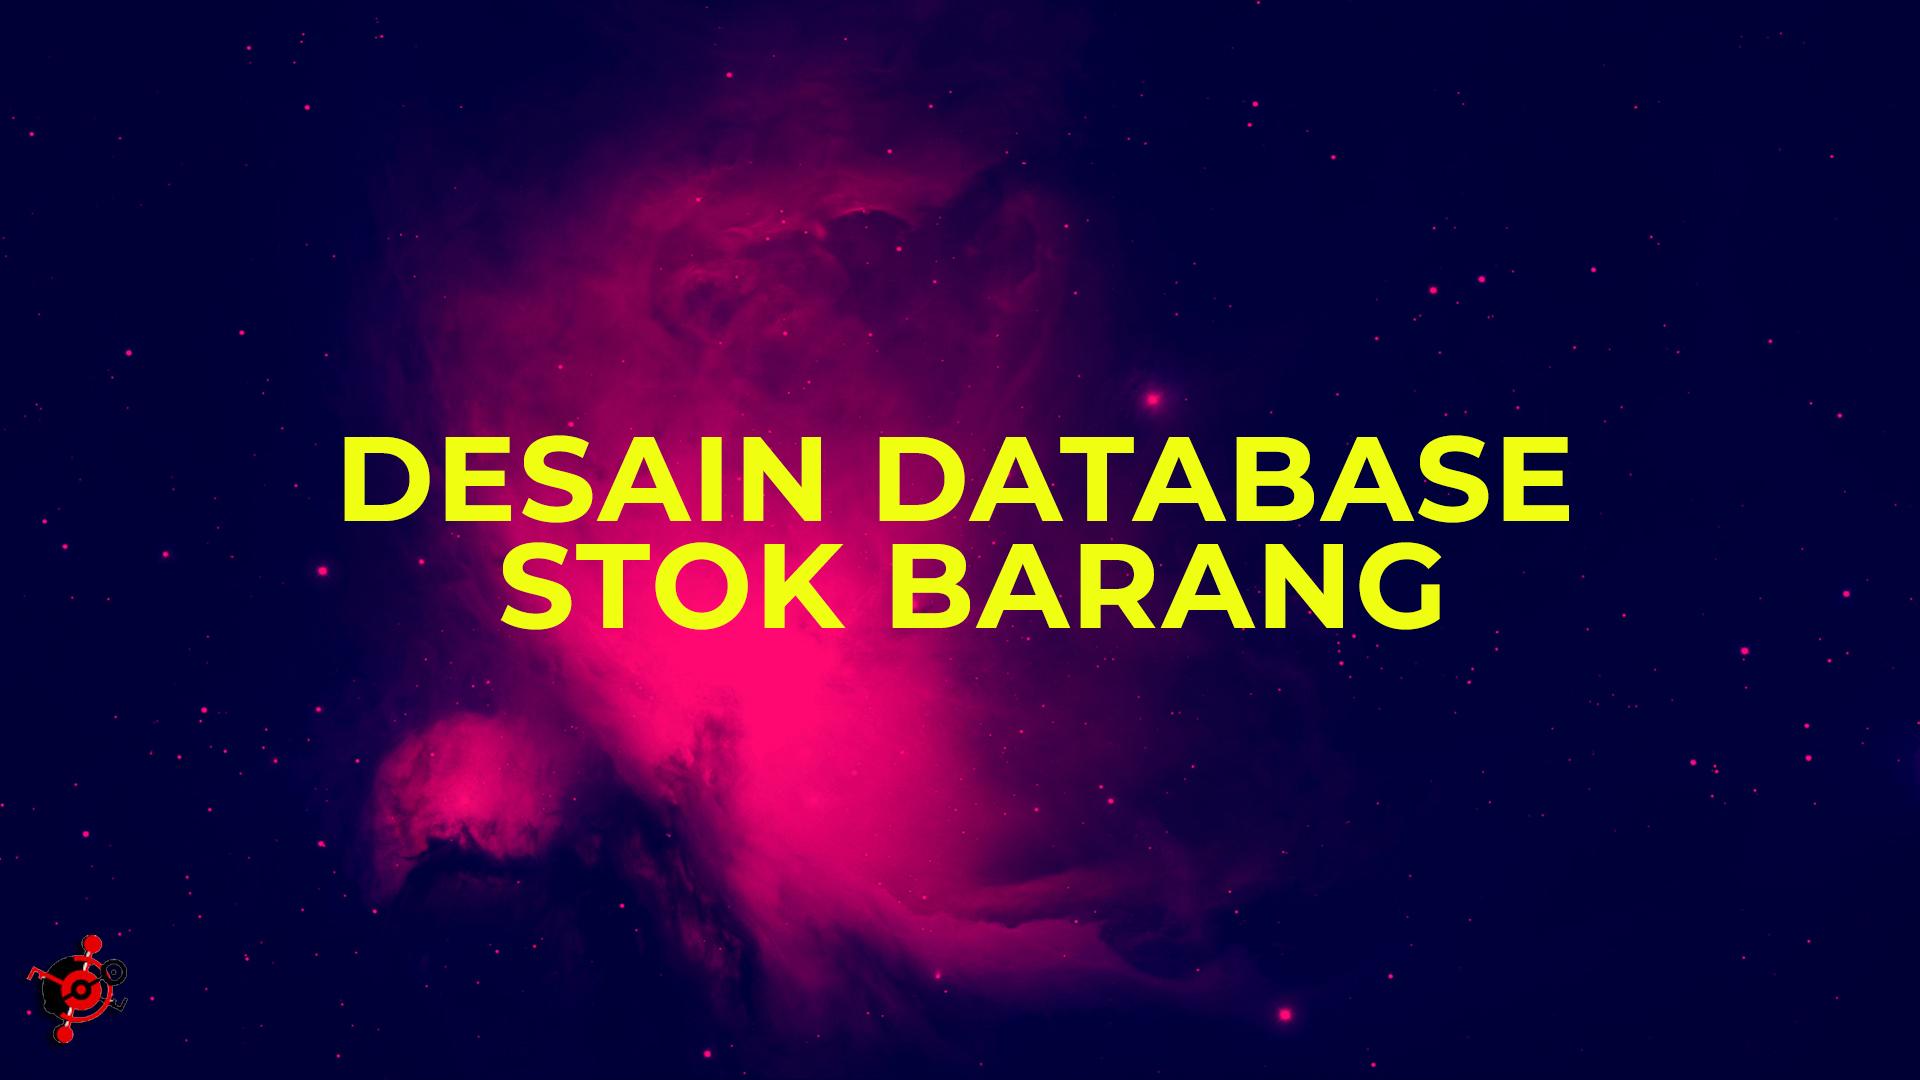 Desain Database Stok Barang dalam Video